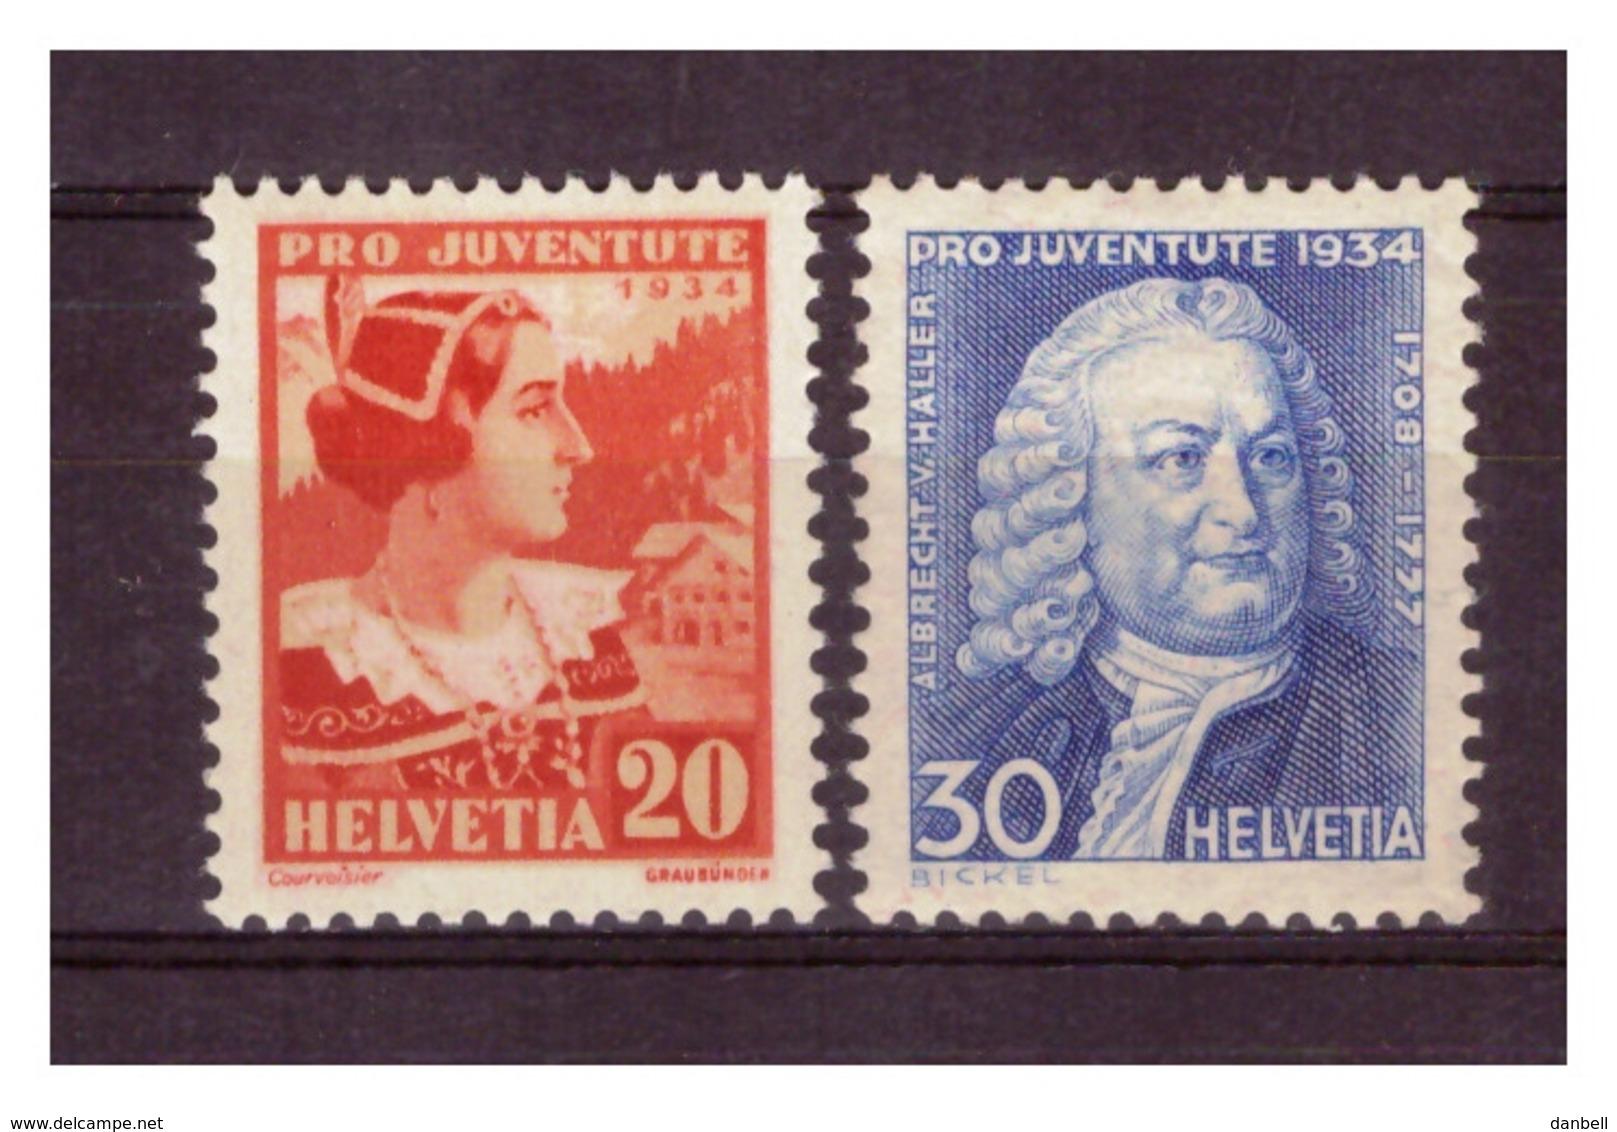 CH60) SVIZZERA 1934 -Pro Juventute - Unif 280-81 MNH** - Svizzera